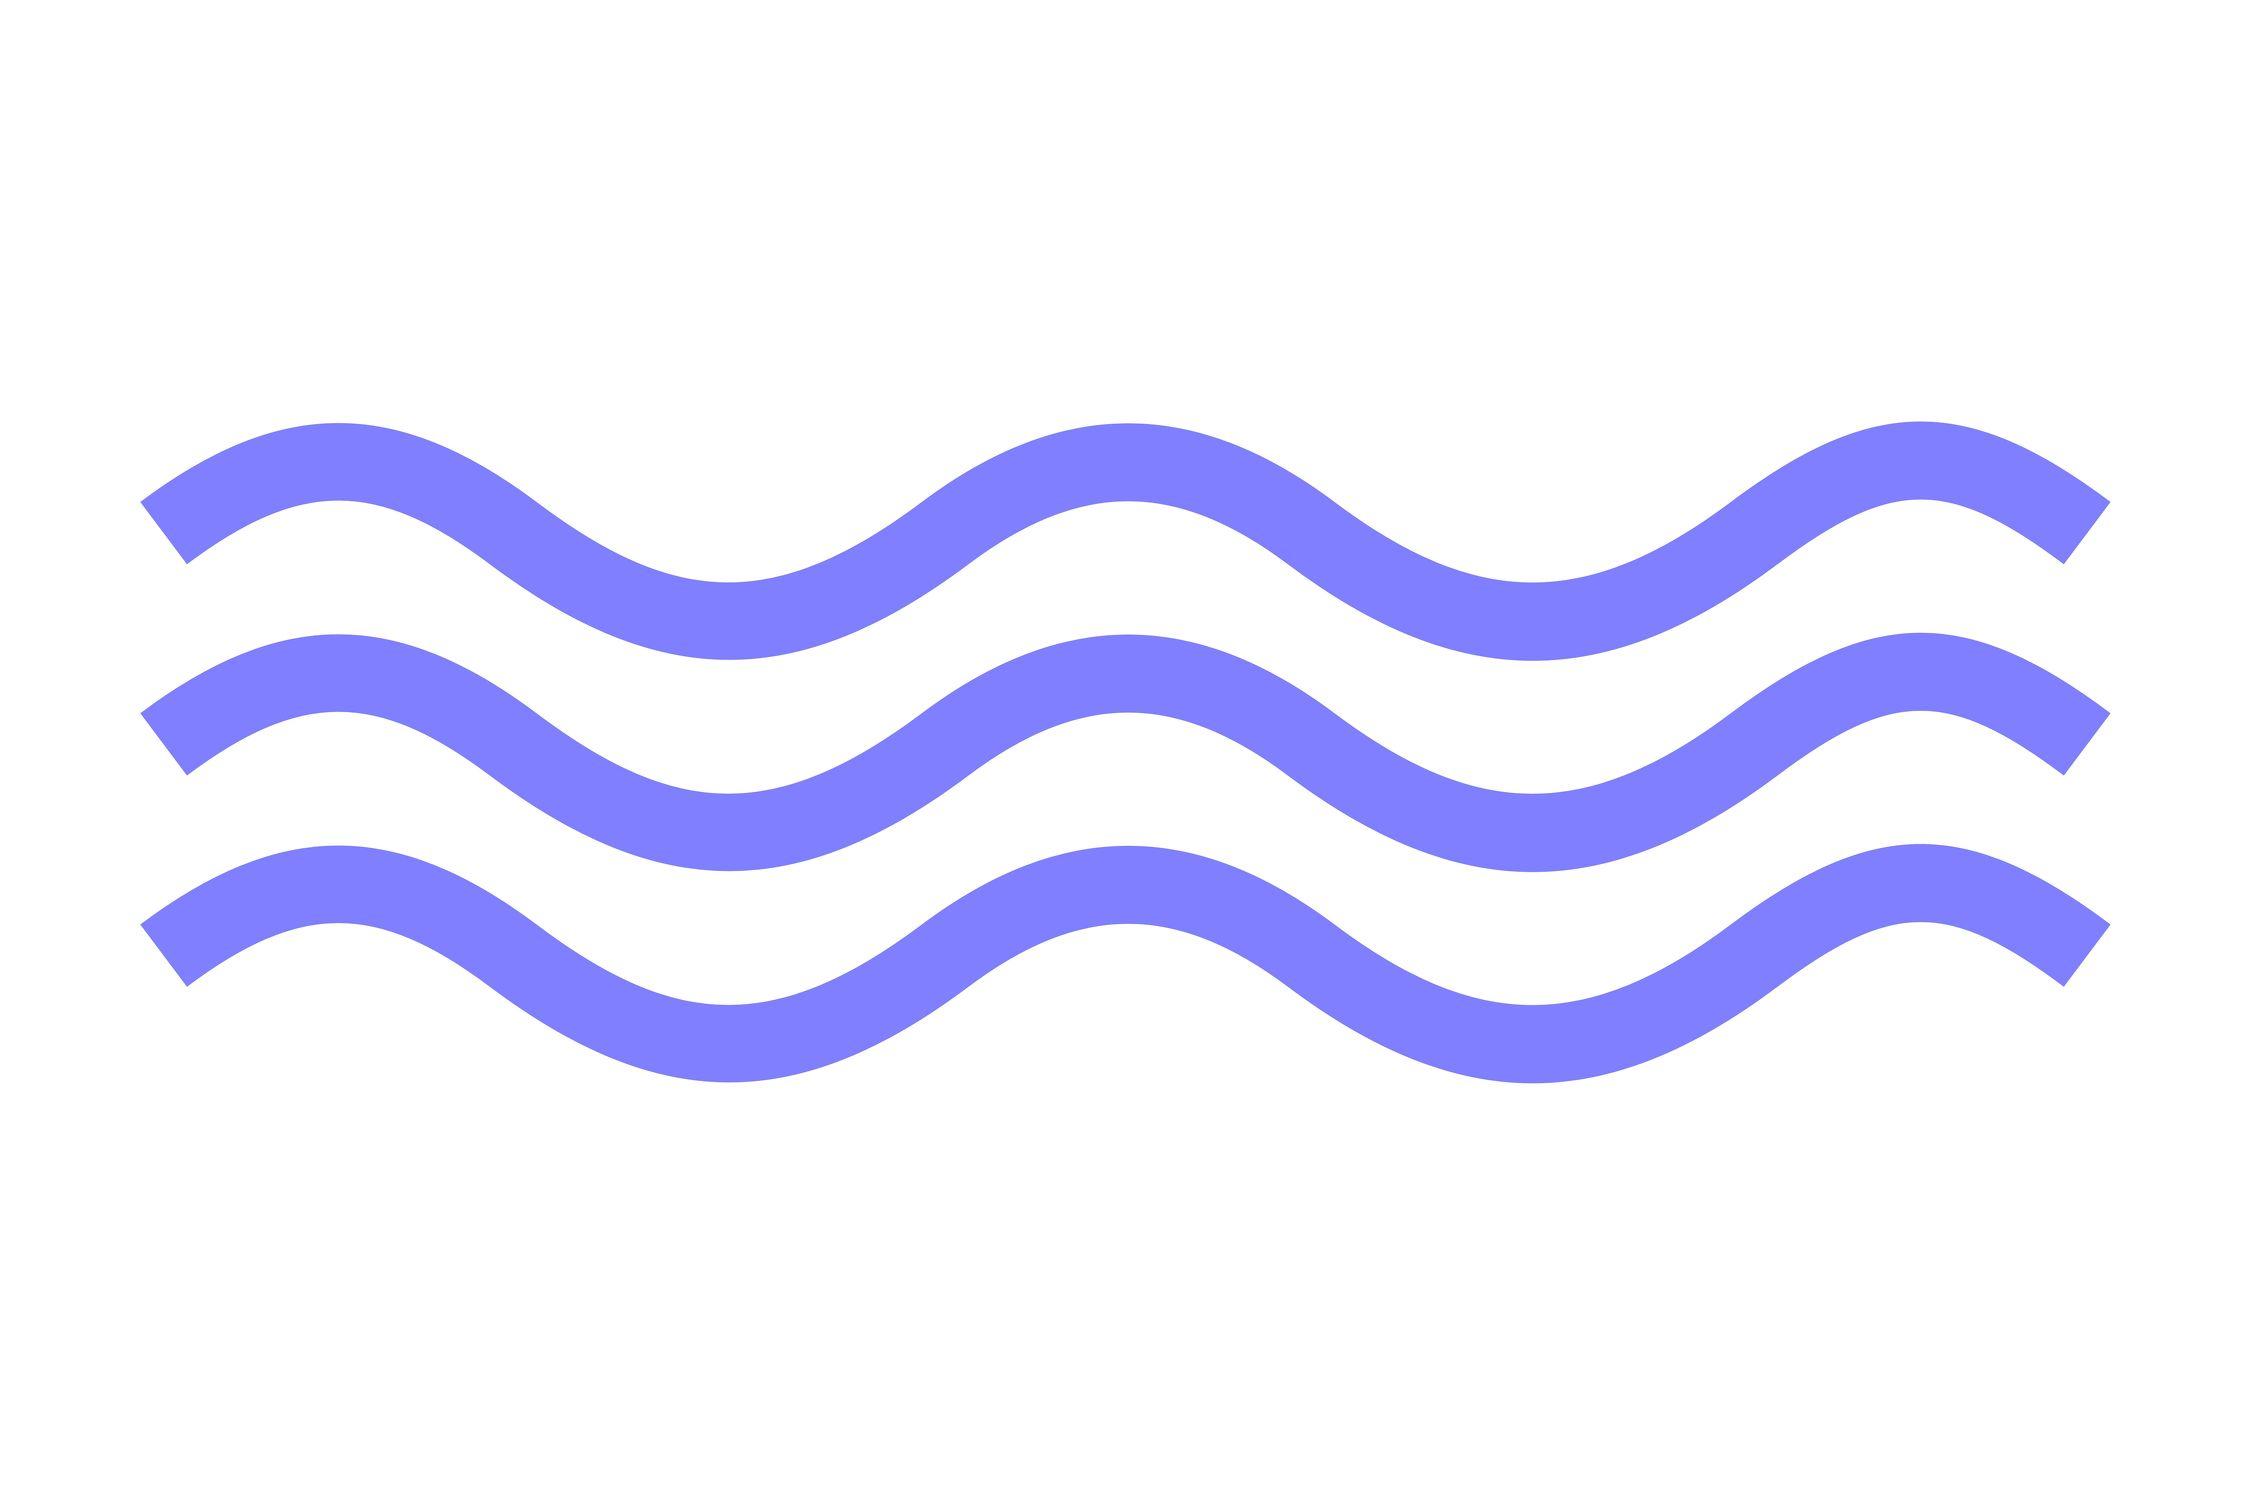 Bild mit Farben, Lila, Violett, Blau